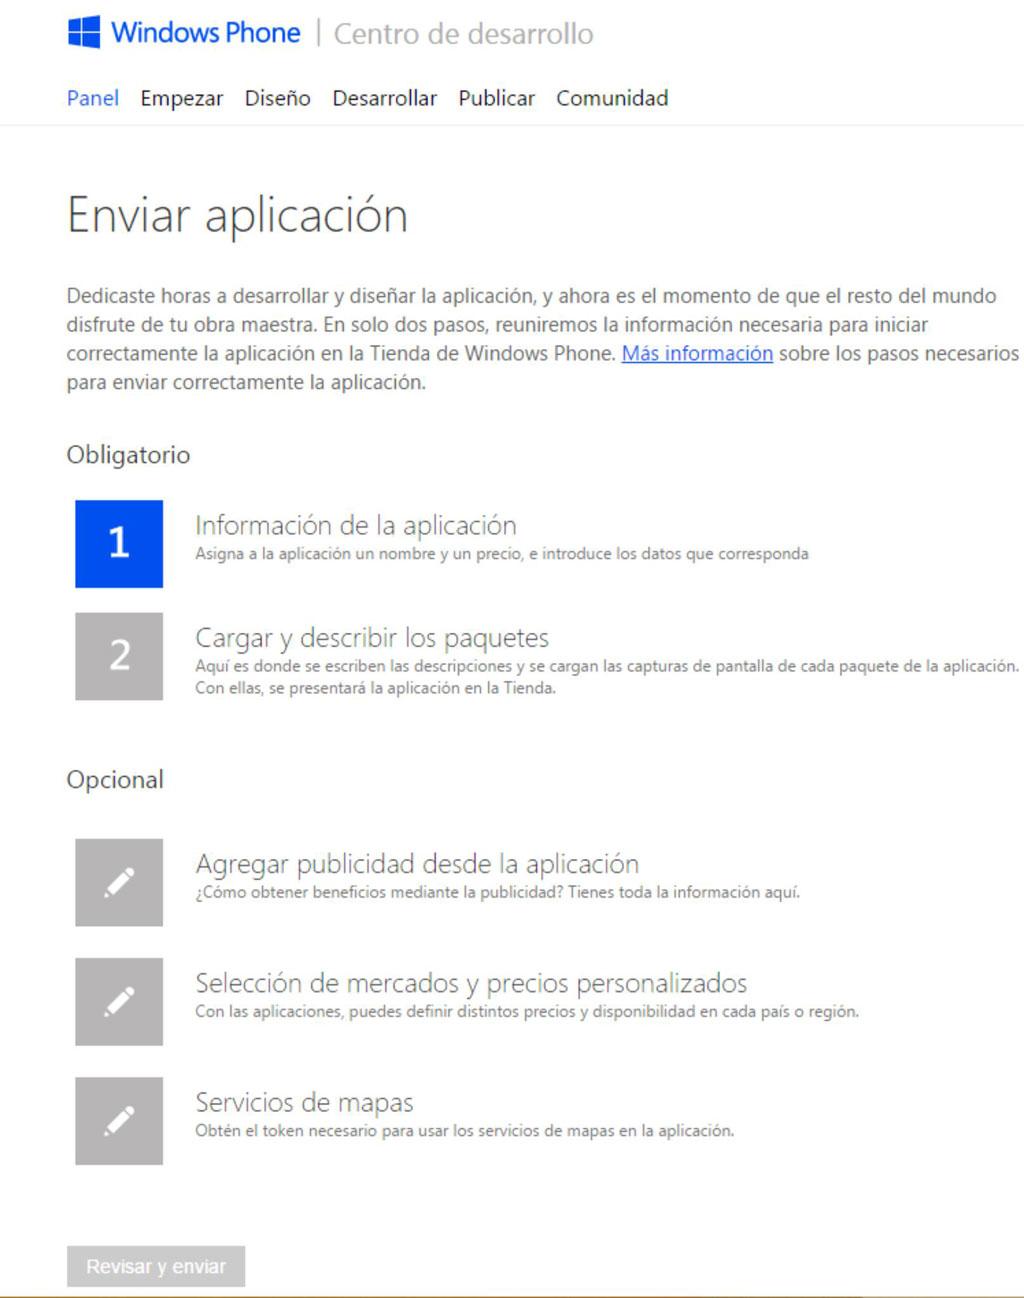 Enviar aplicación